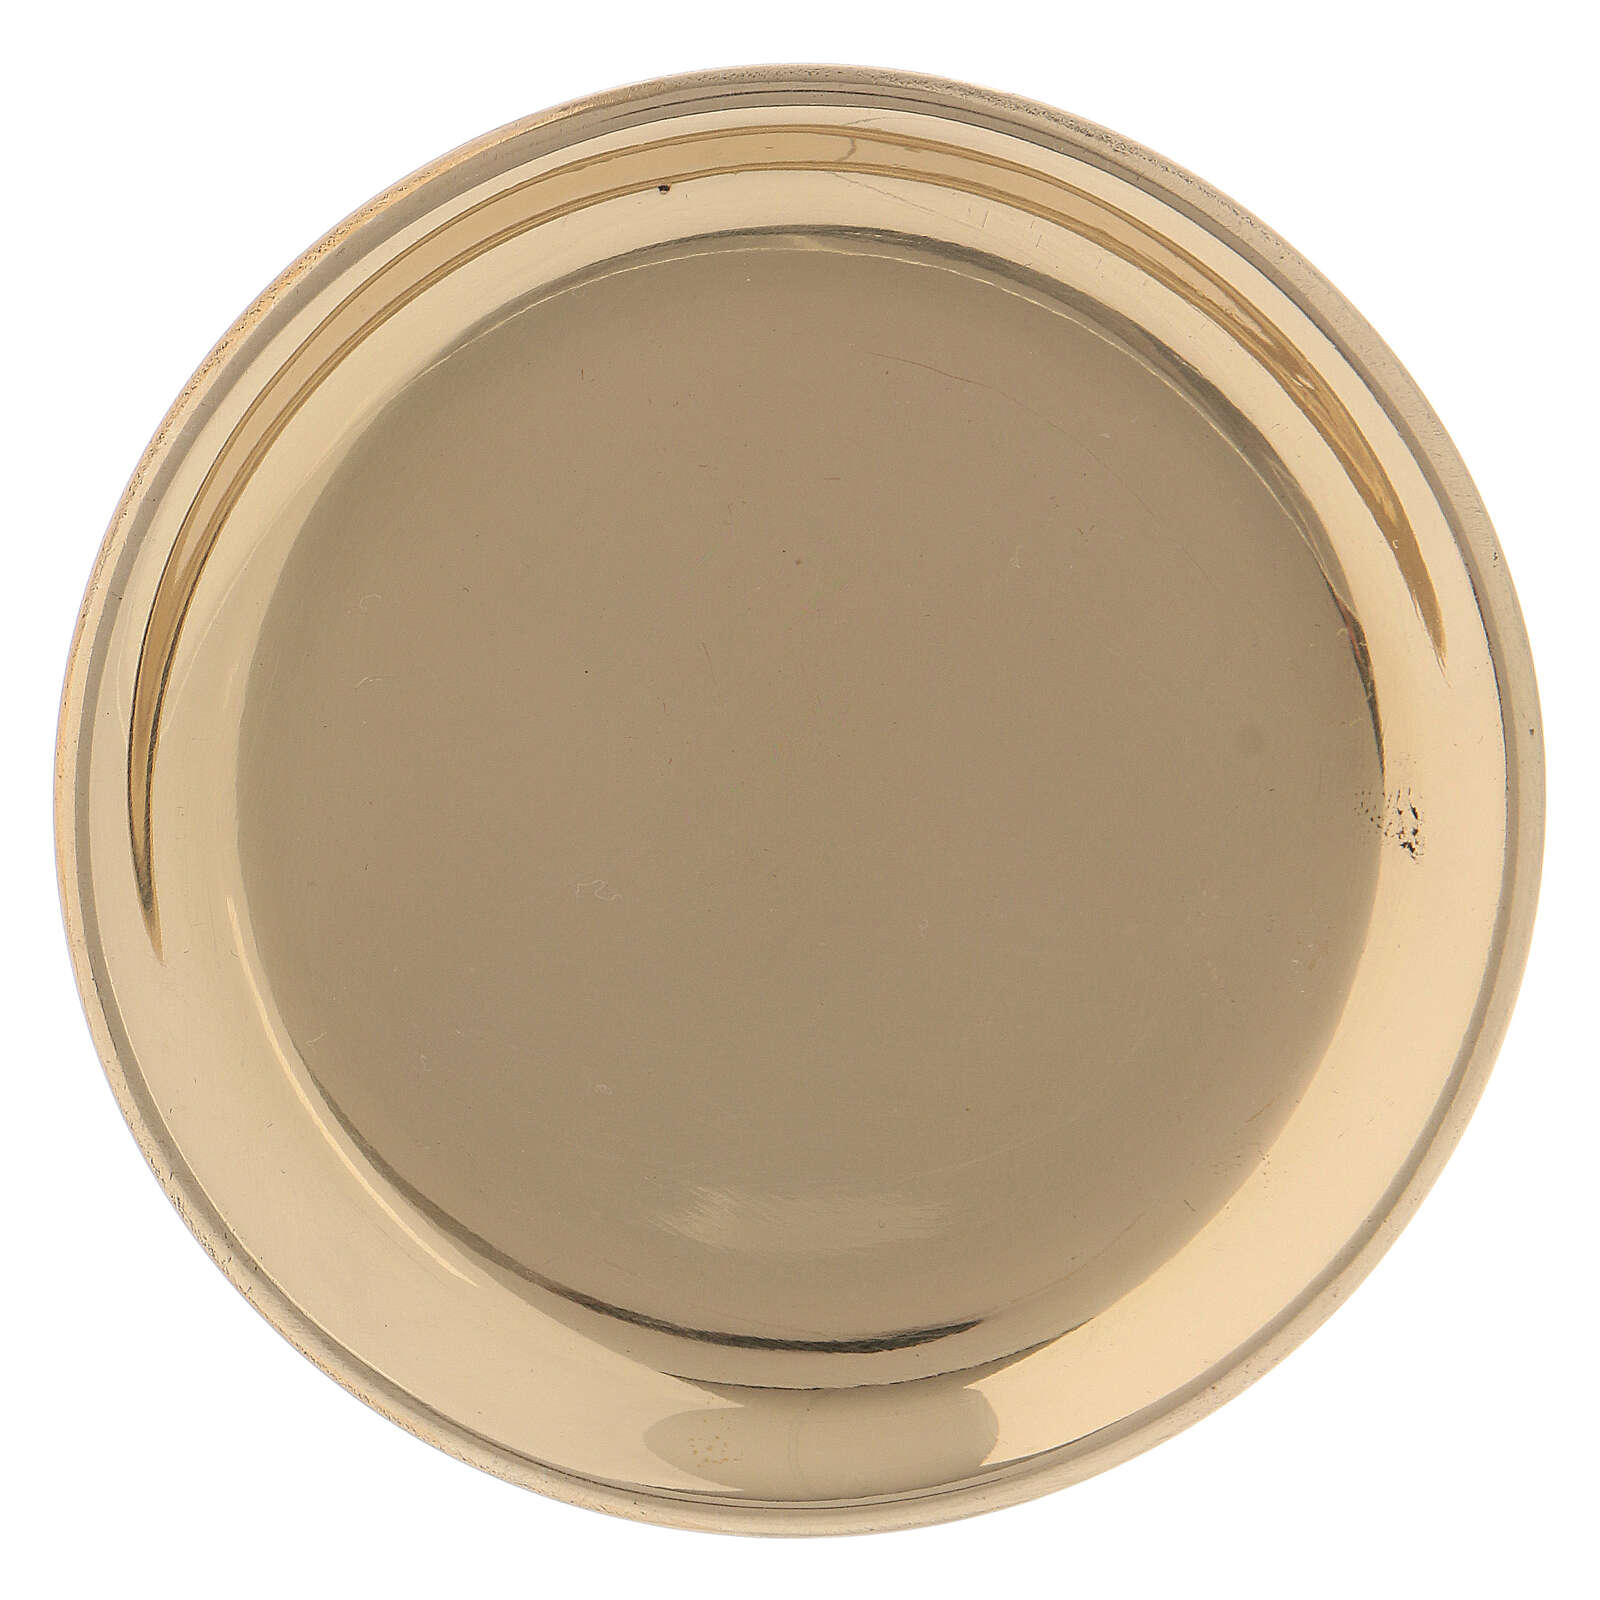 Golden brass round saucer 10 cm 3